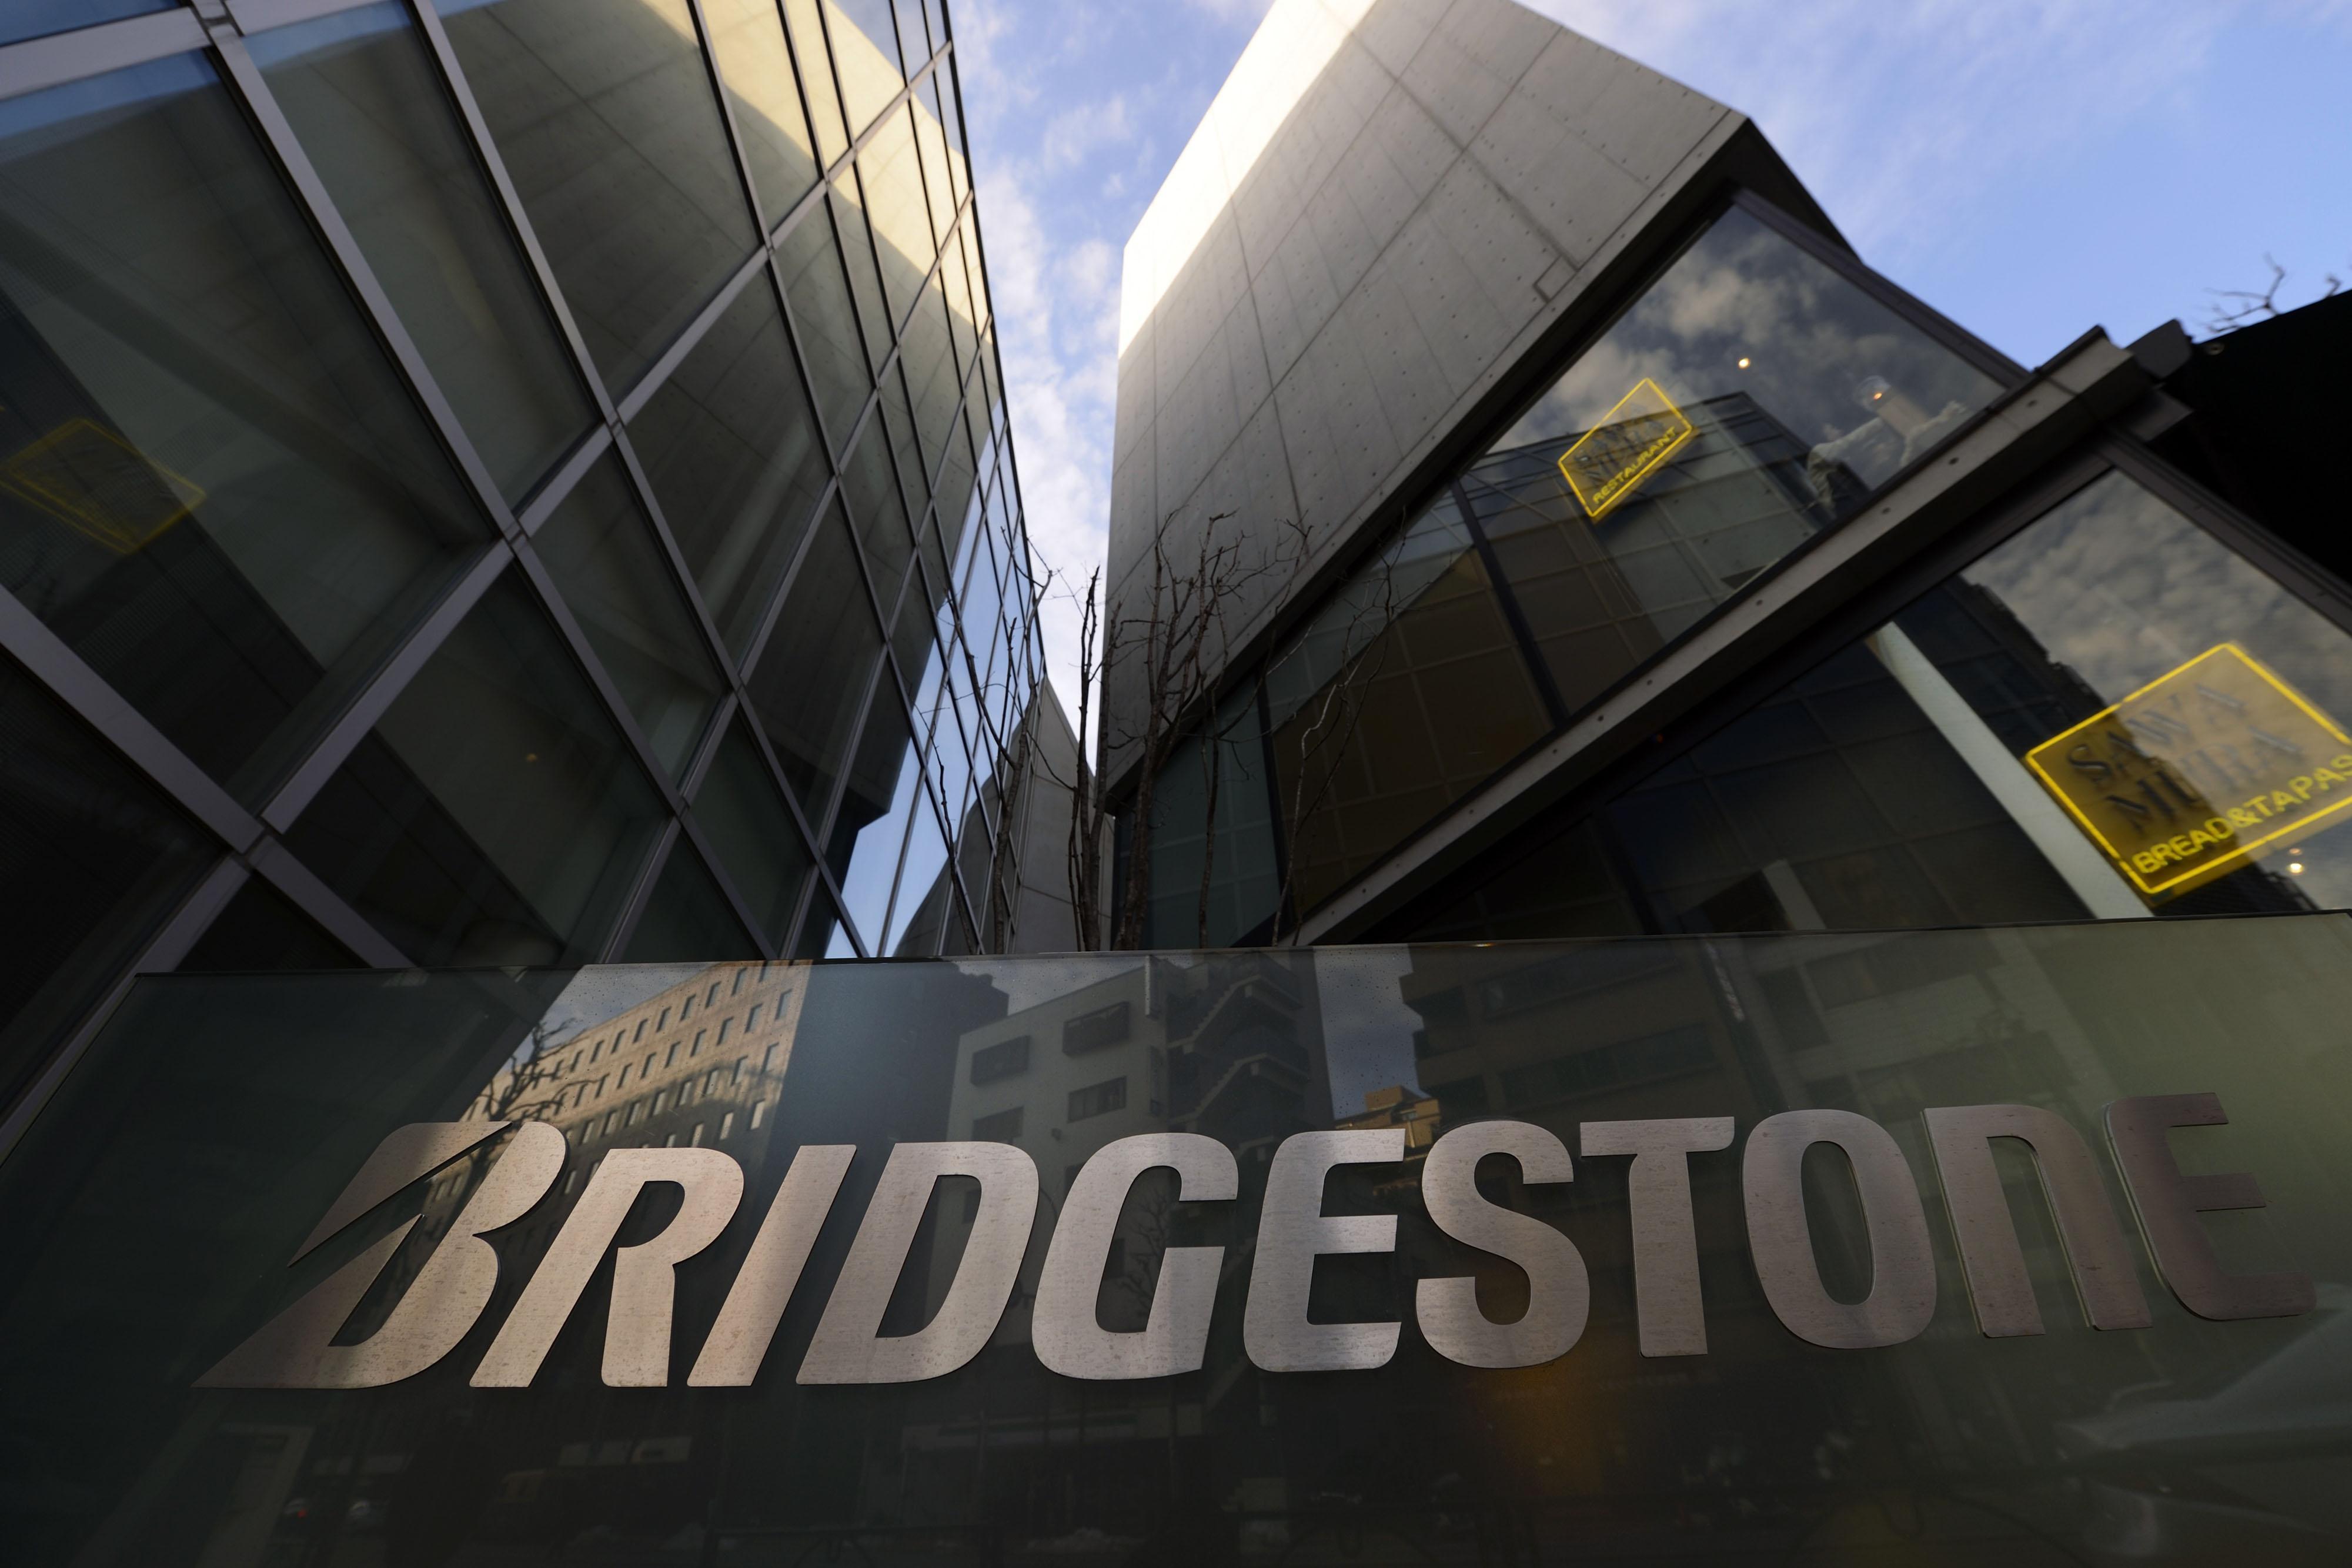 Bridgestone объявила о кадровых изменениях в руководстве компании